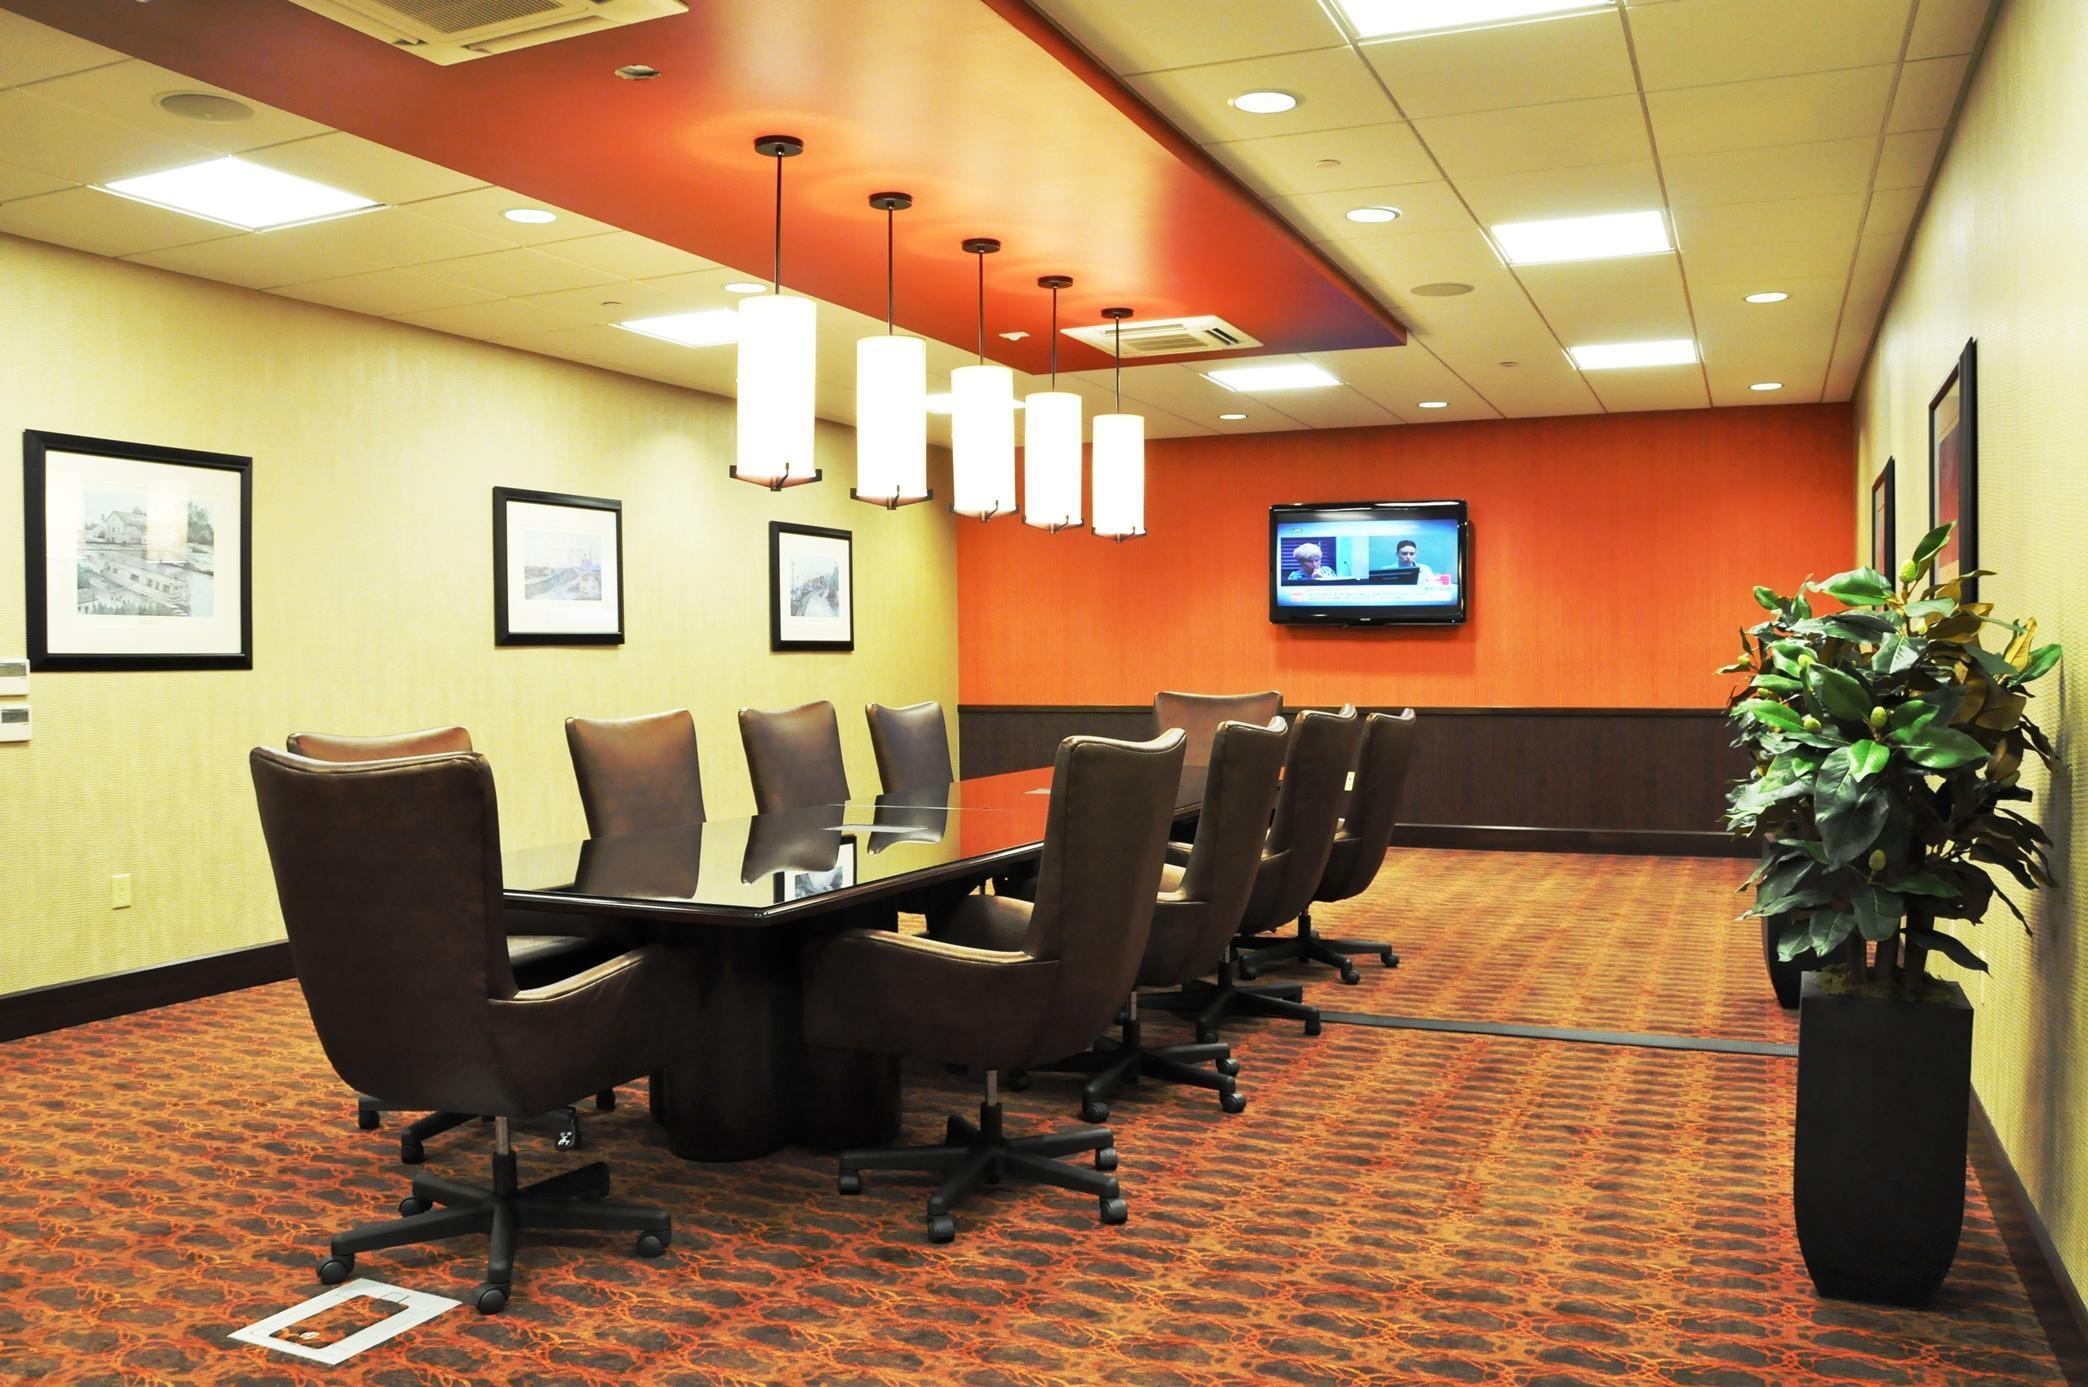 Hampton Inn & Suites Cincinnati/Uptown-University Area image 20